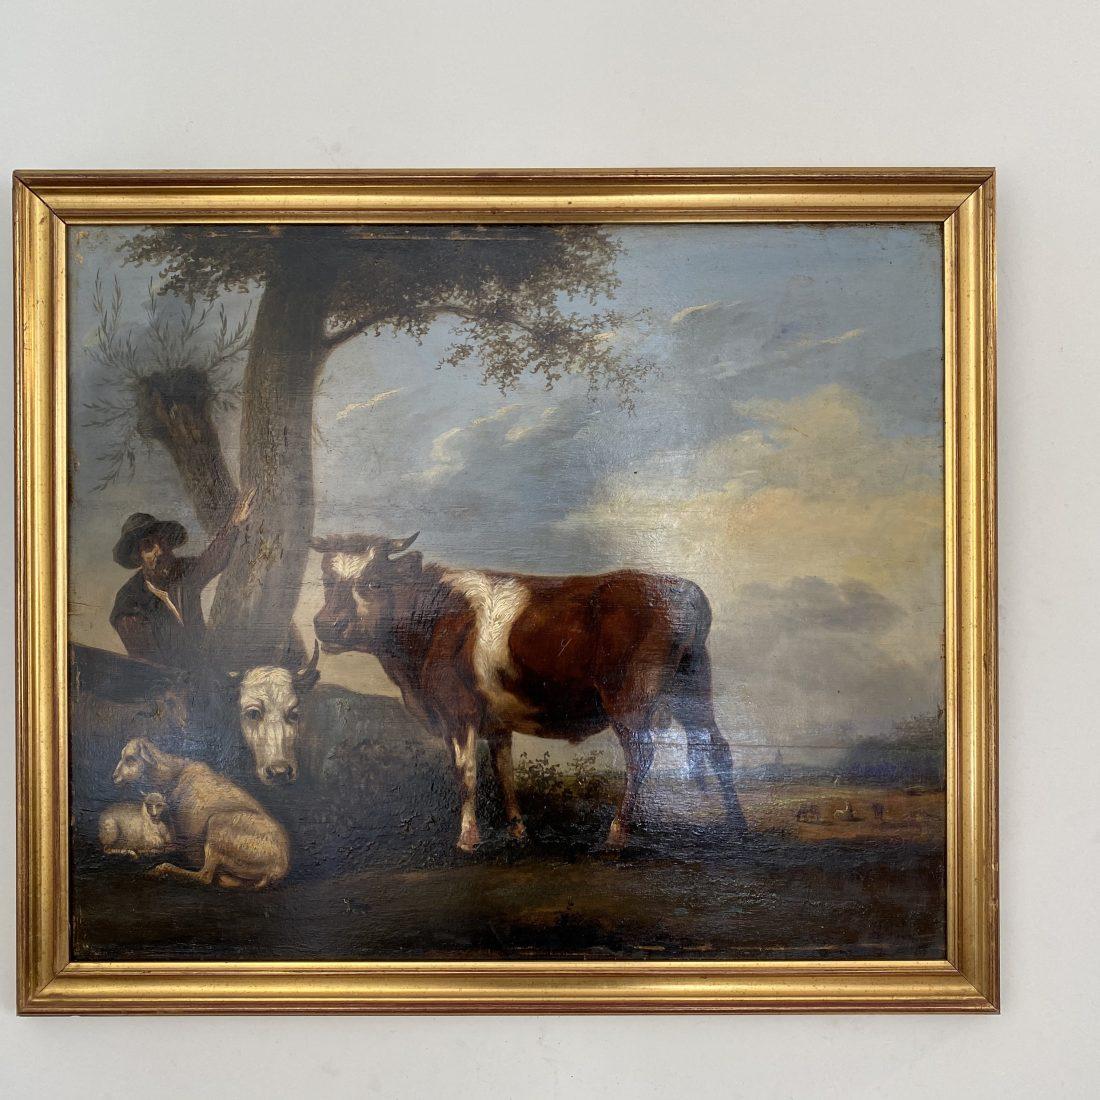 Een boer met zijn koeien en schapen in een bosrijke omgeving